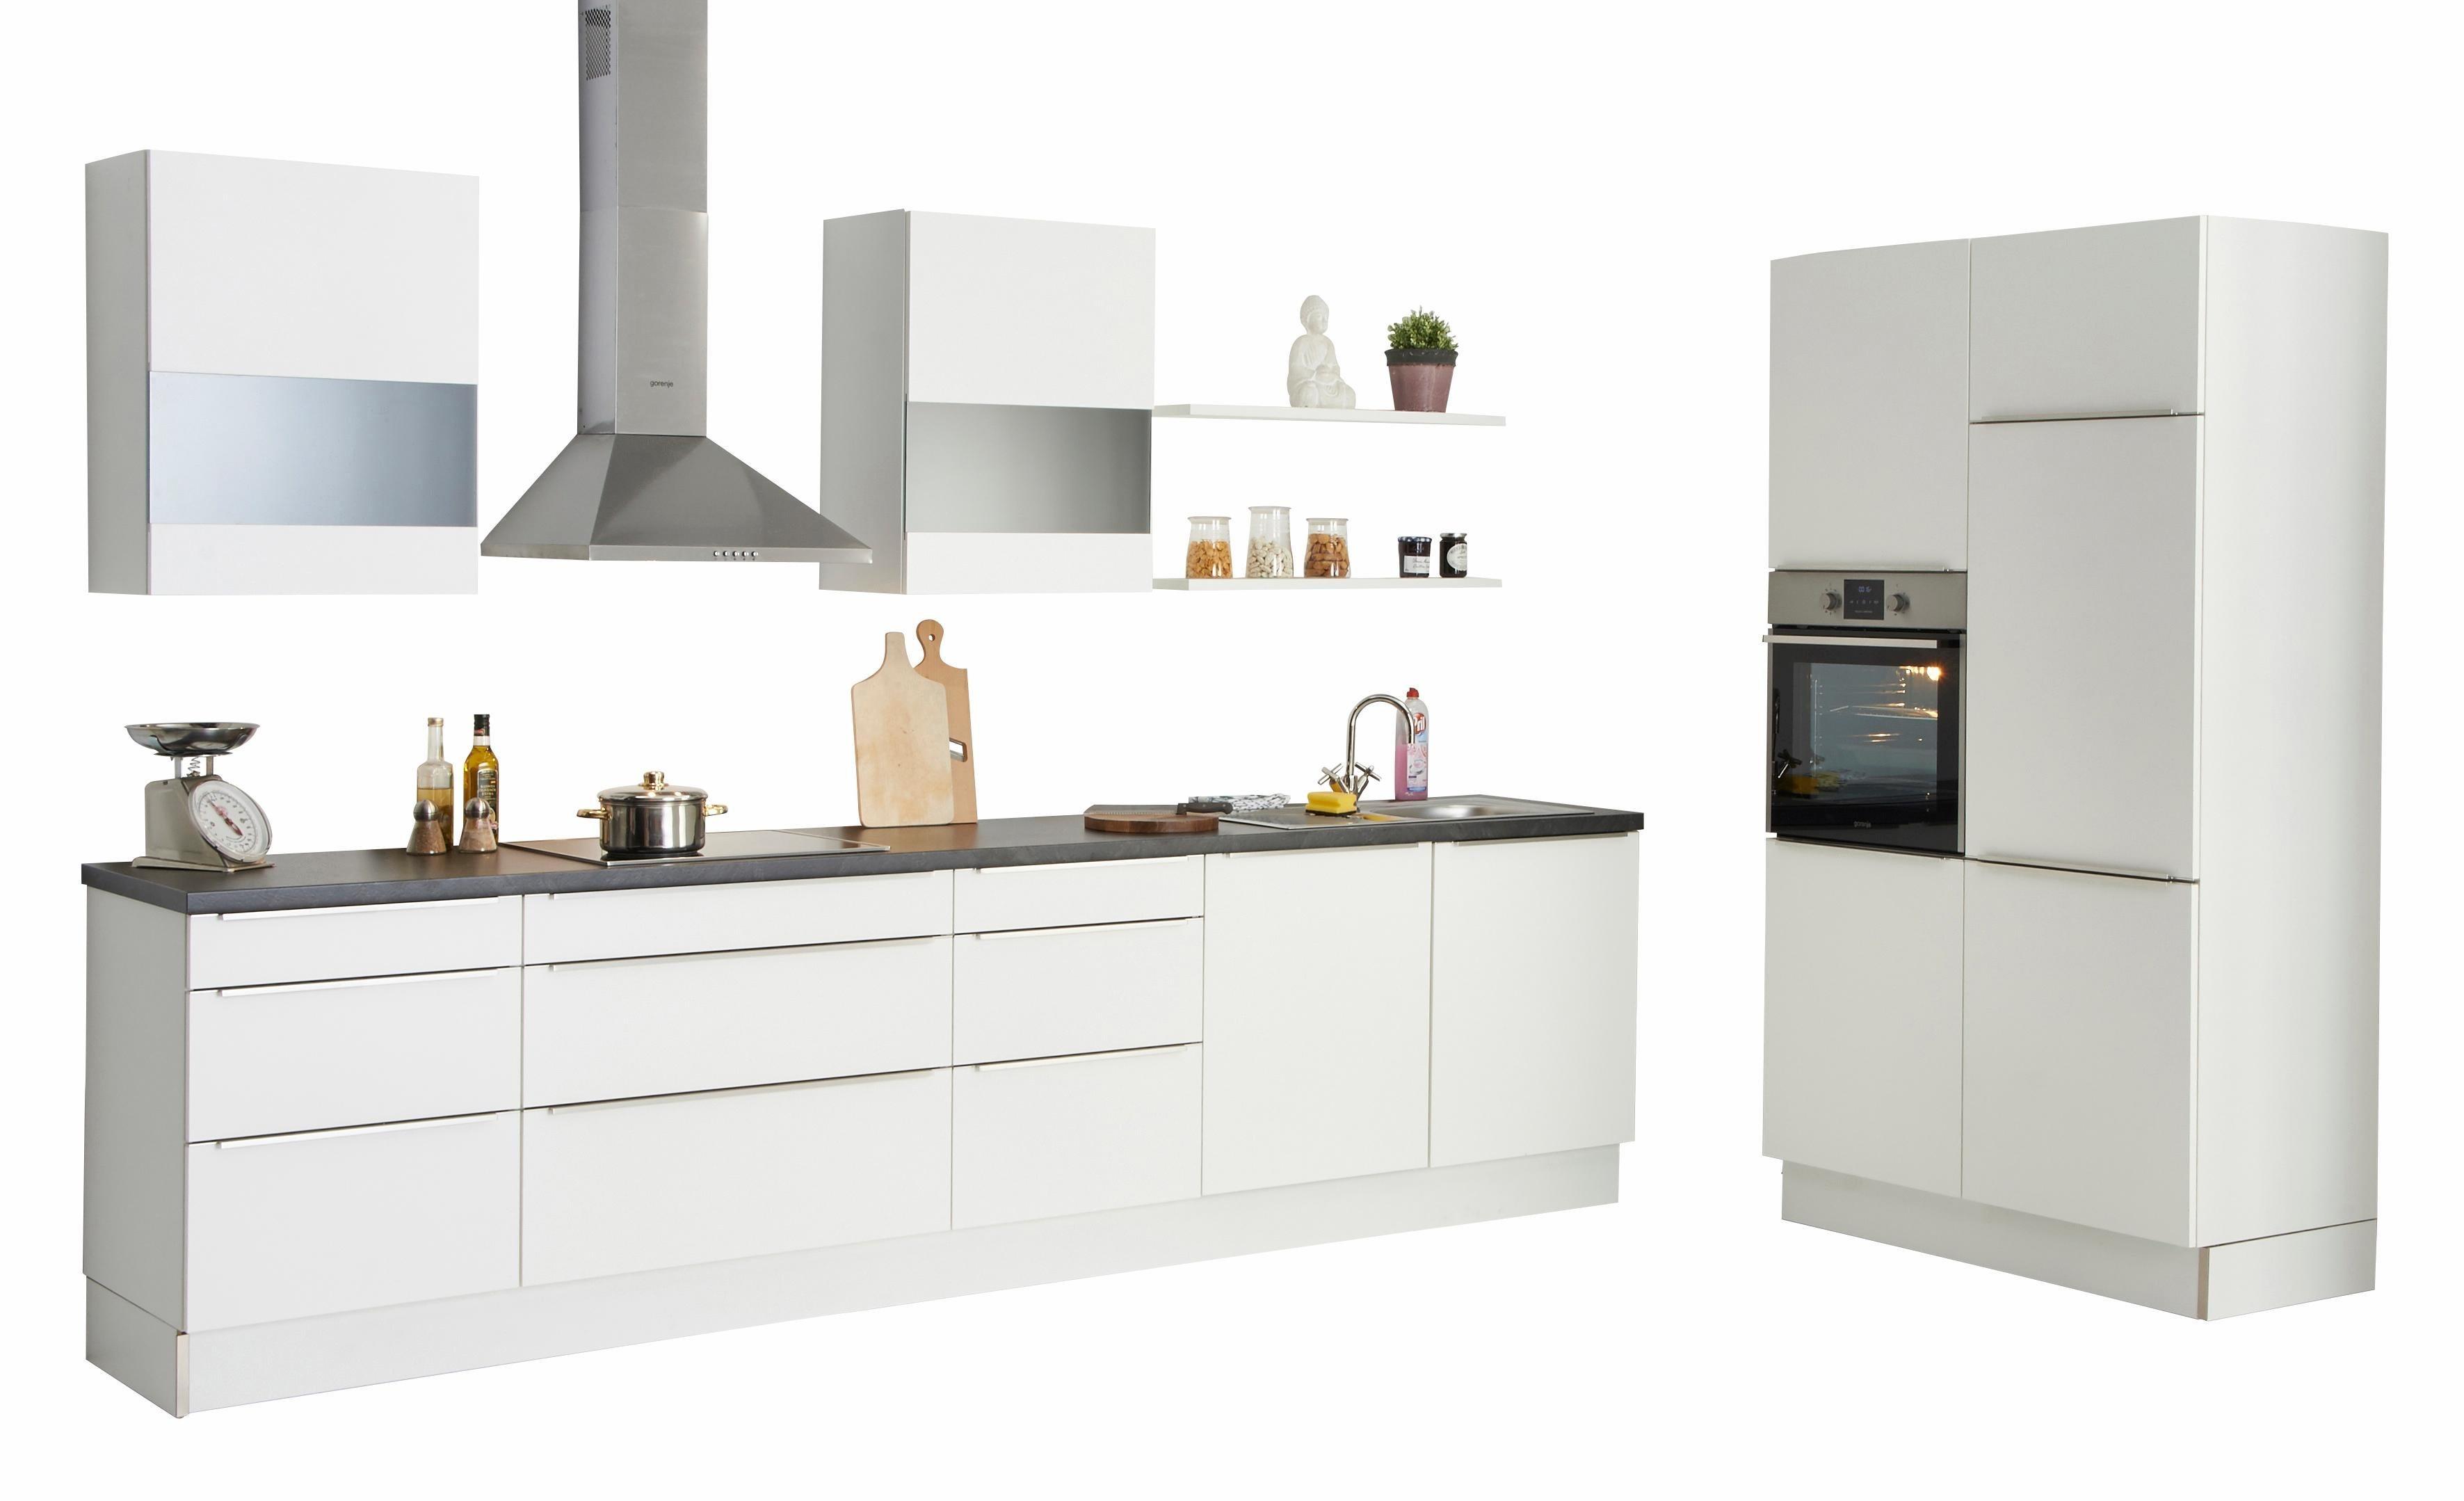 set-one-by-musterring Küchenzeilen online kaufen | Möbel ...